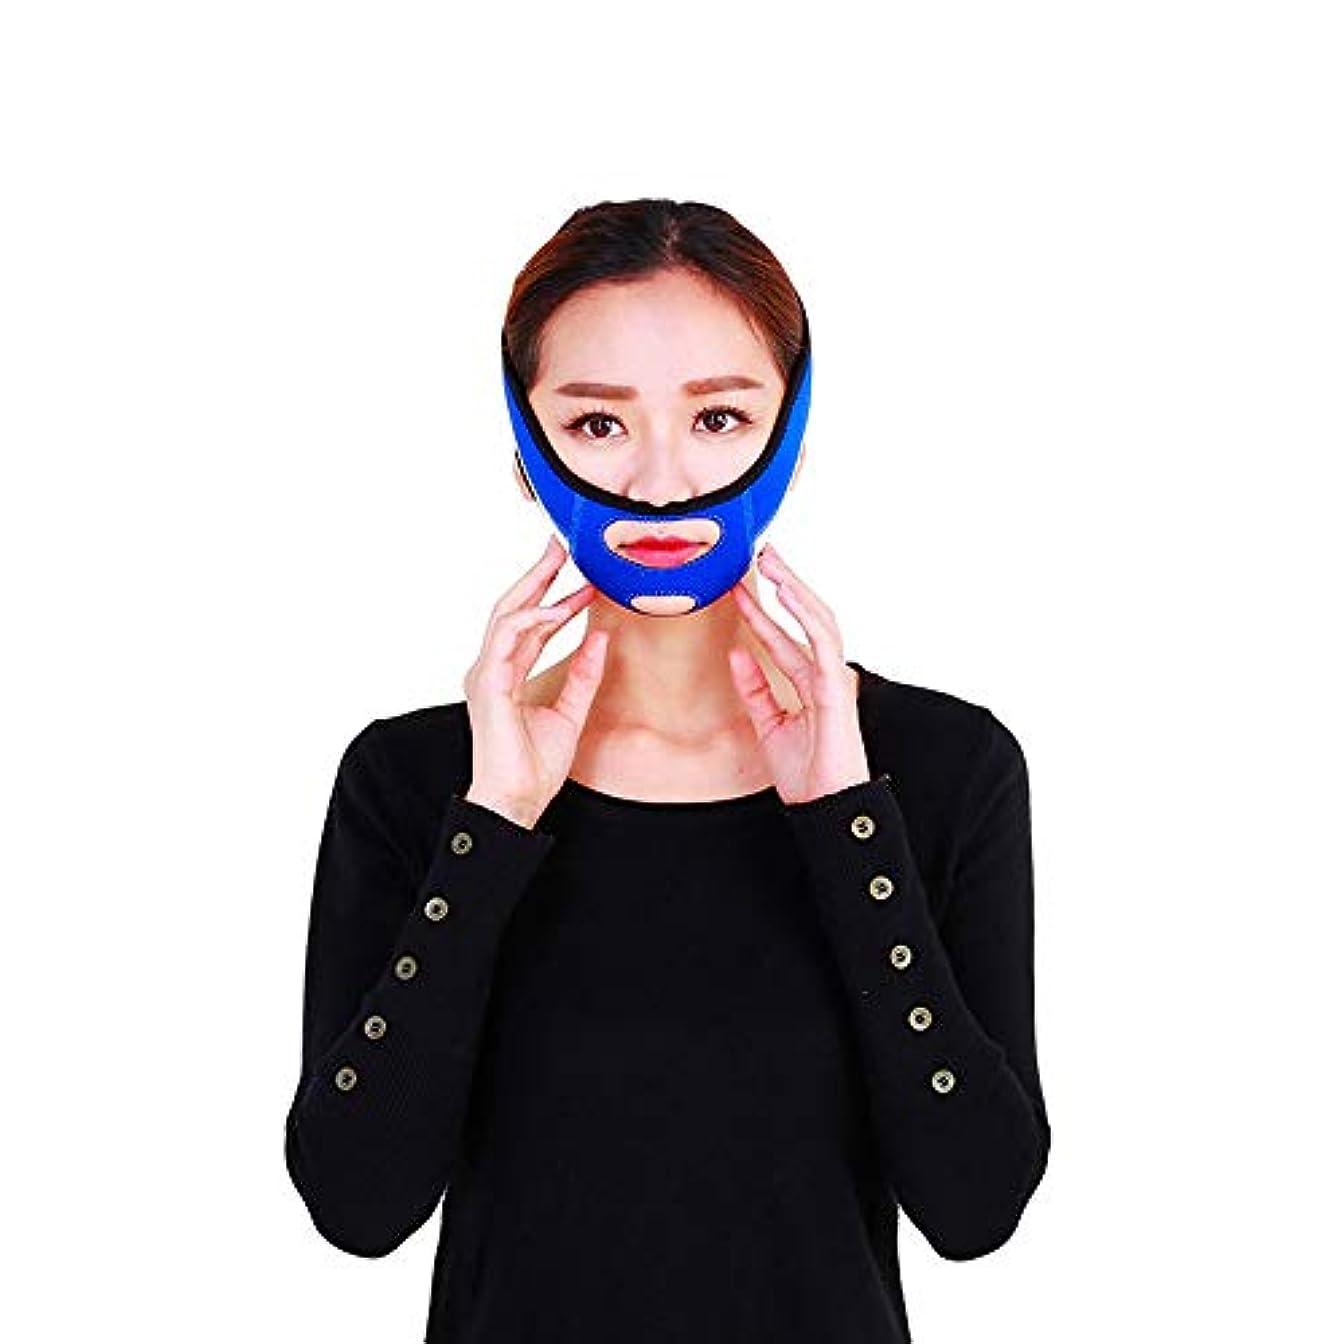 戸棚敵意読書顔を持ち上げるベルト - 顔を持ち上げる包帯は、上顎顔面修正ツールを強力に強化し、顔面マスクのV字形の人工物 美しさ